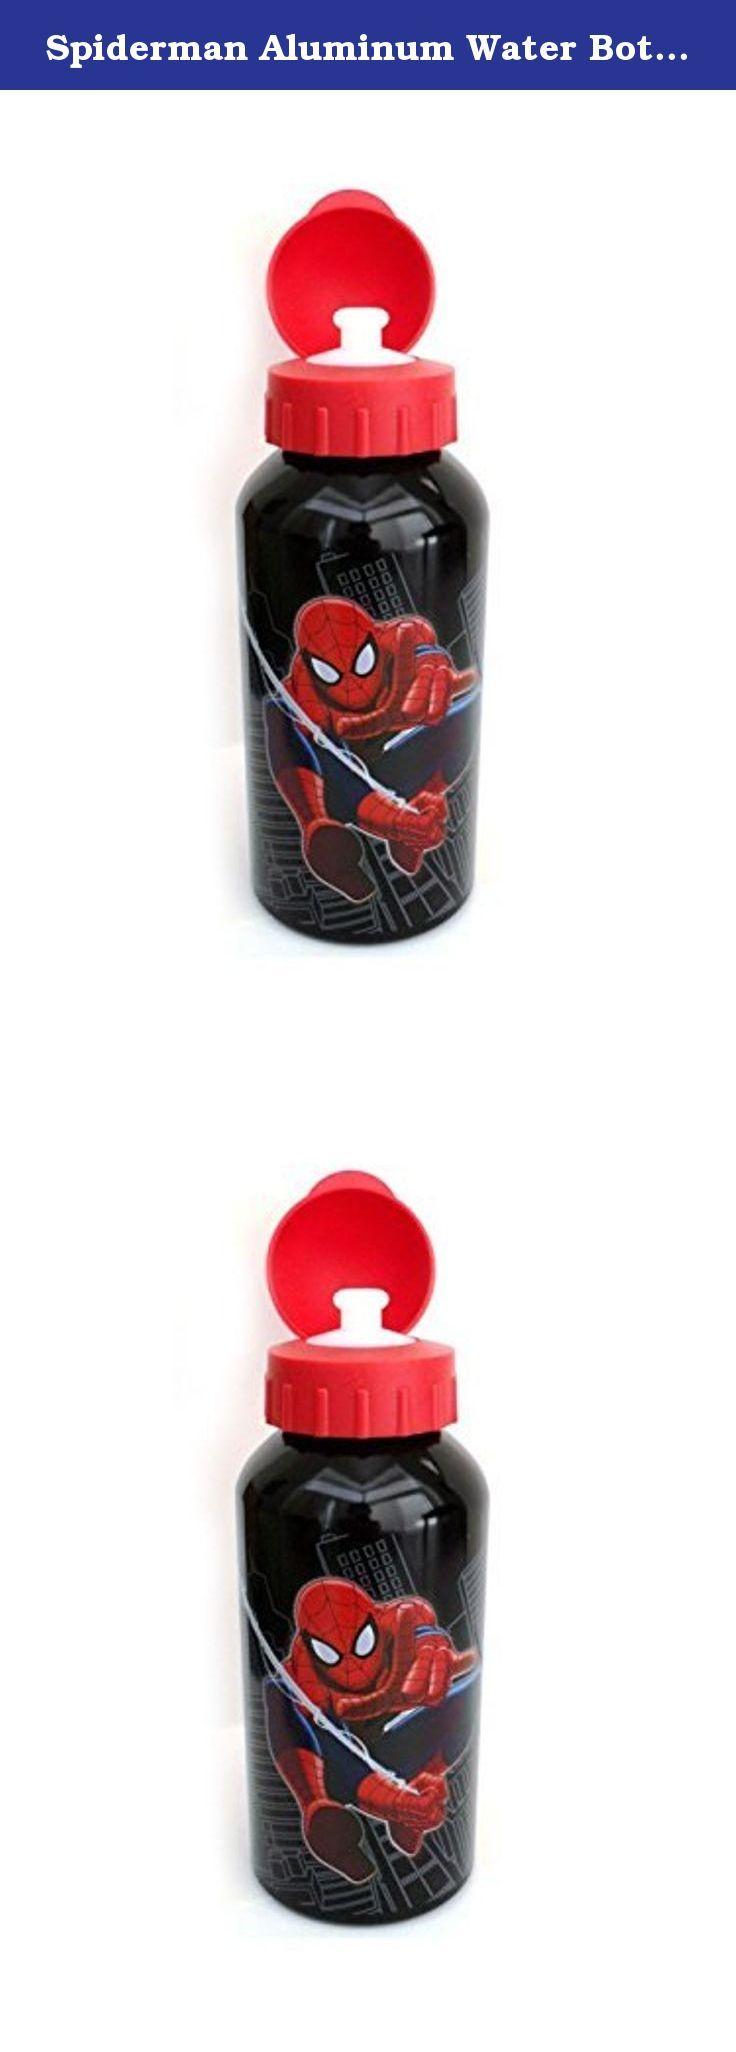 Spiderman Aluminum Water Bottle For Kids [14 Oz - 400 Ml]. Spiderman Aluminum Water Bottle For Kids - 14 Oz, 400 mL.